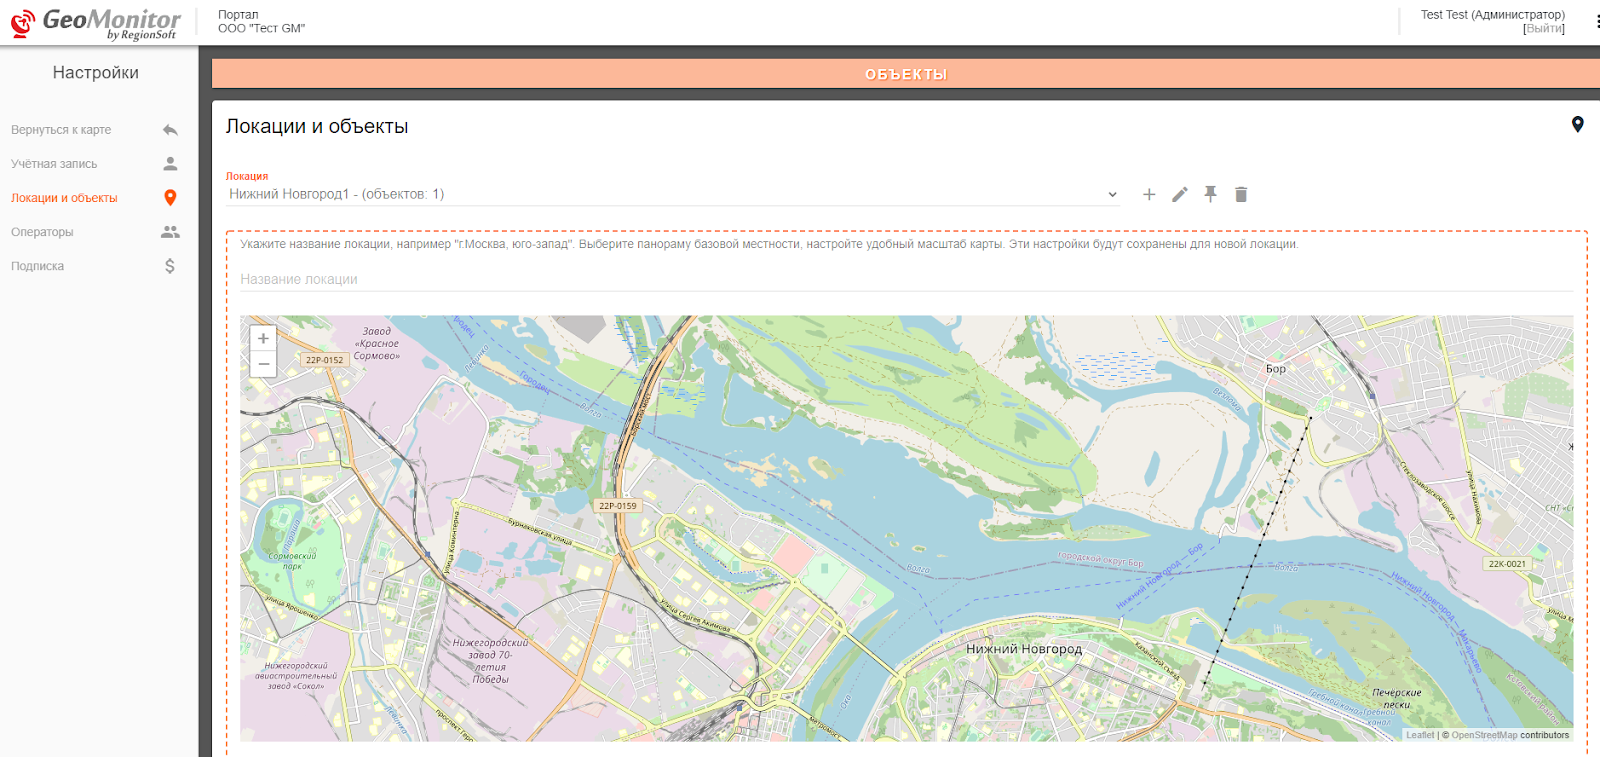 Выбор нужной локации в интерфейсе RegionSoft GeoMonitor